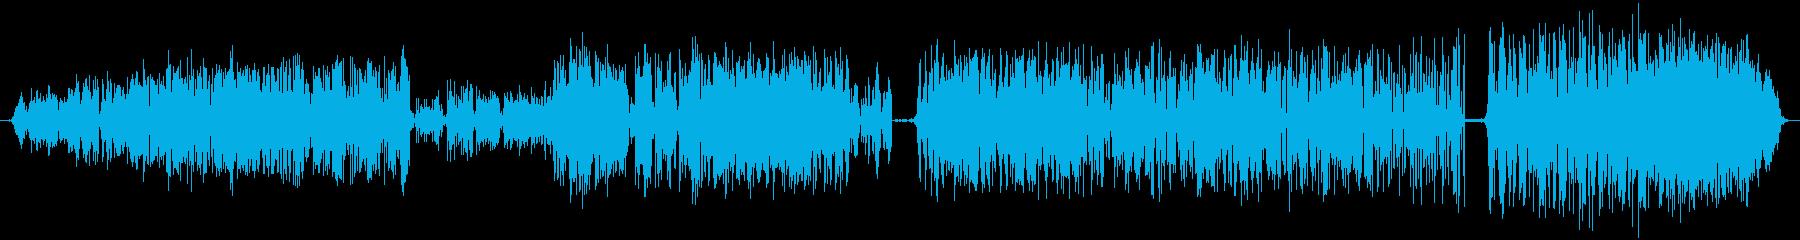 テープチャッターの巻き戻し:開始、...の再生済みの波形